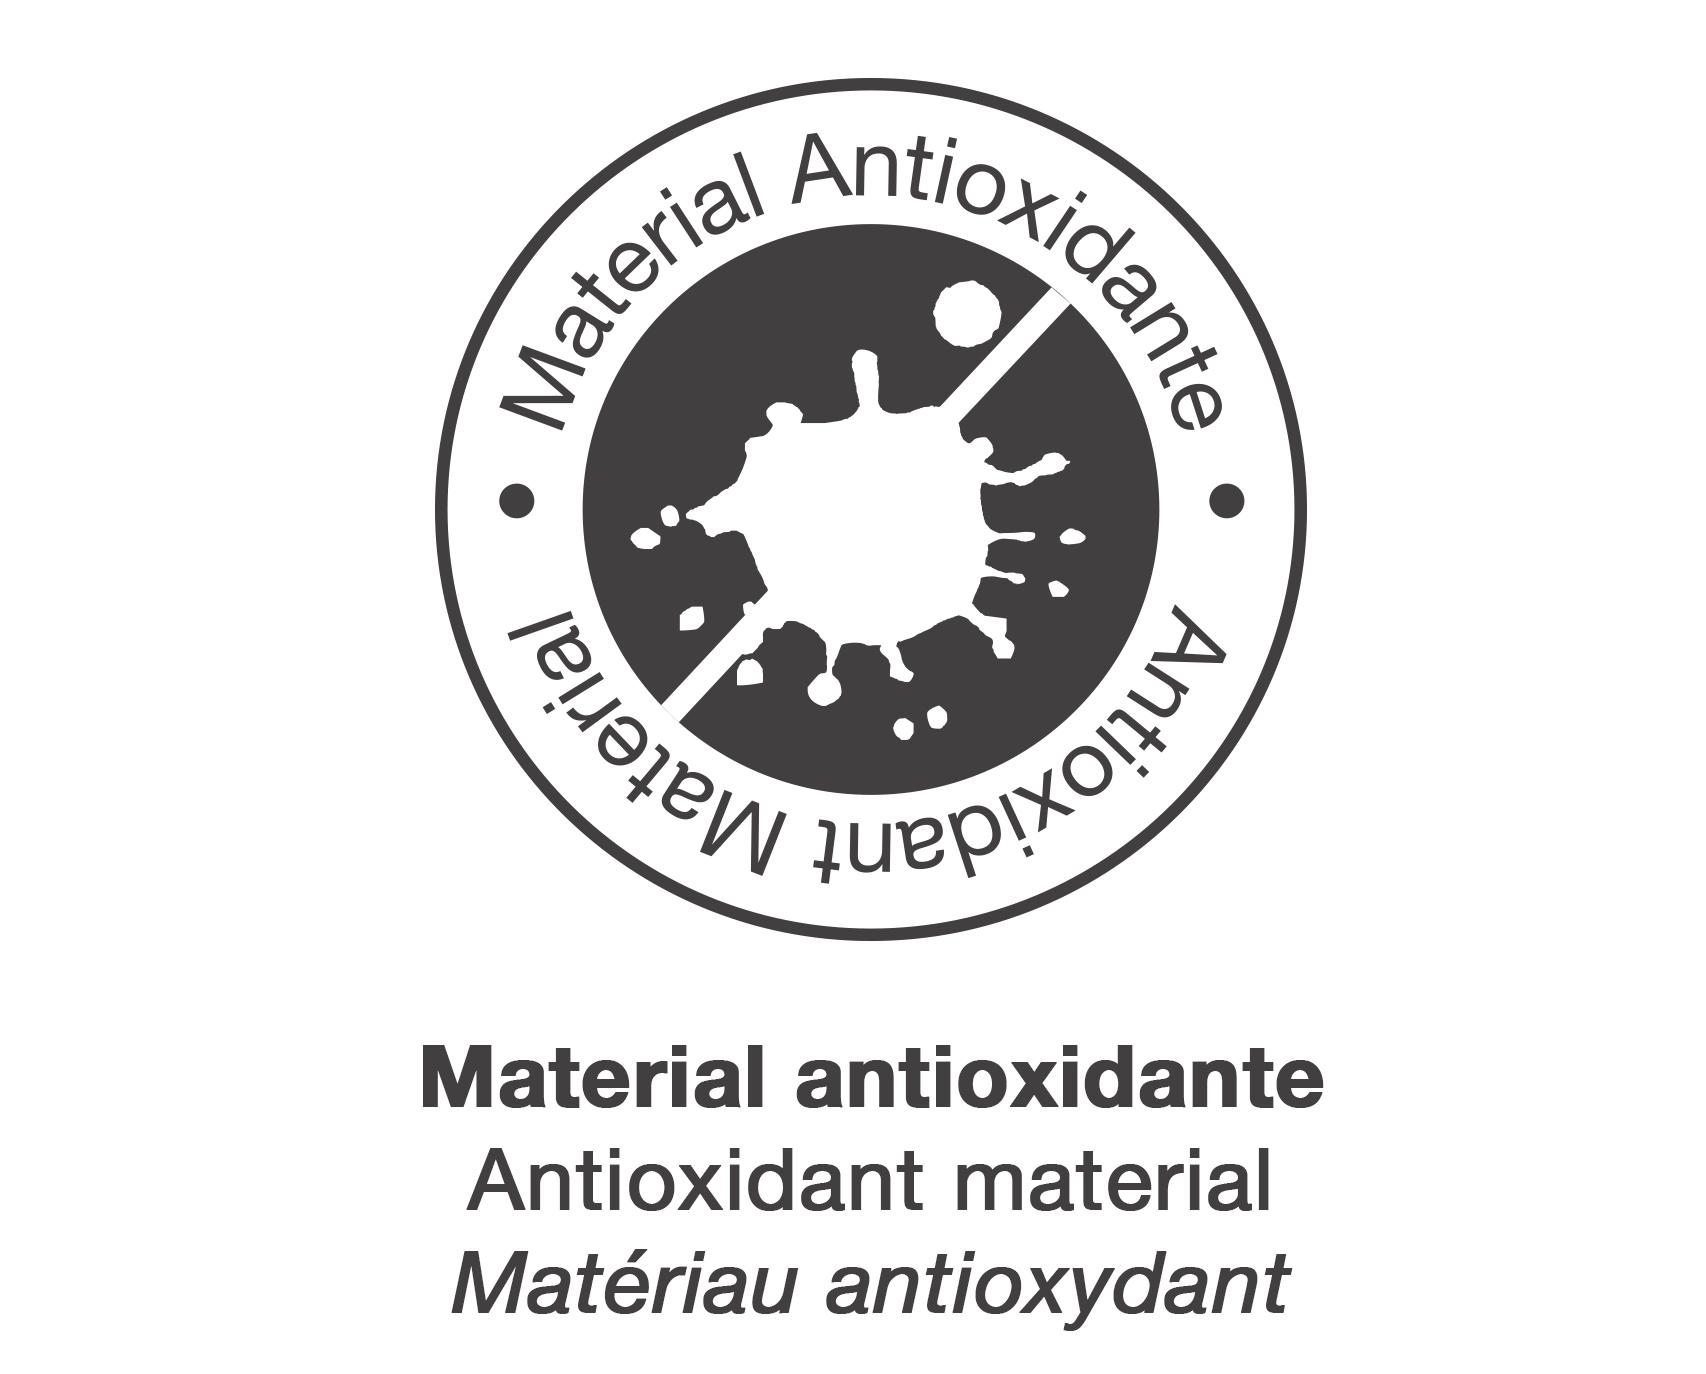 Material Antioxidante